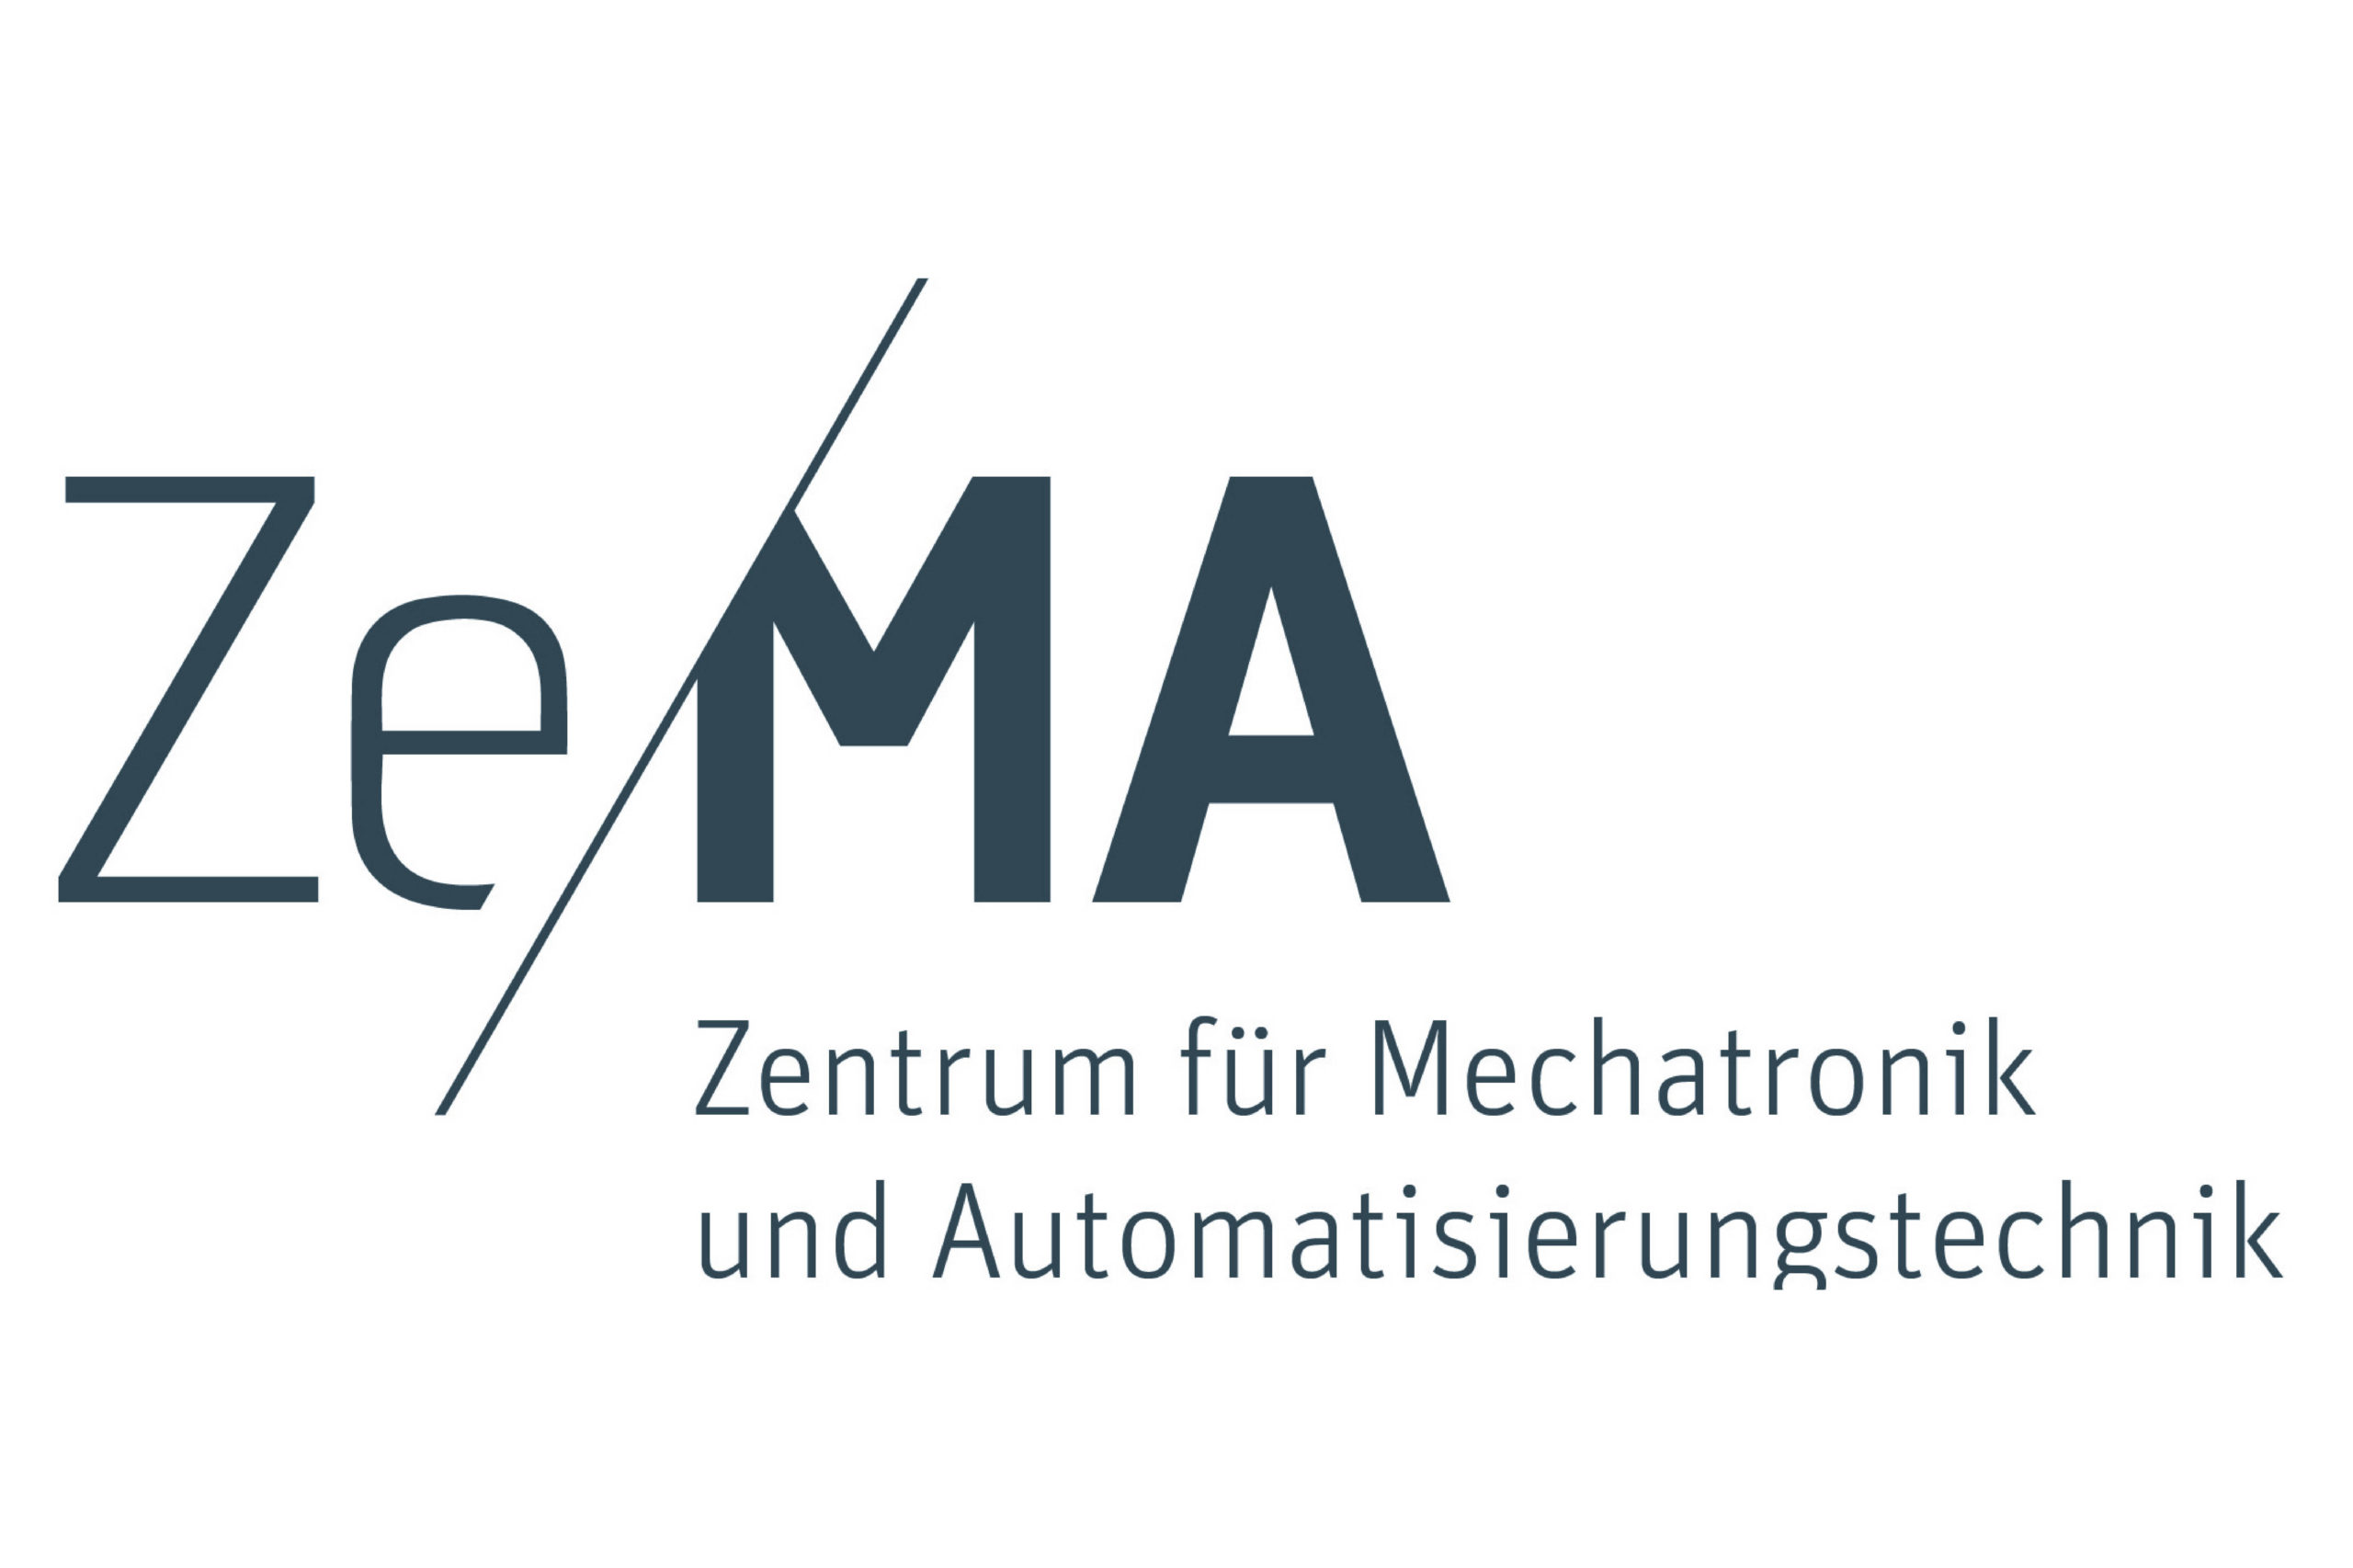 ZeMA – Zentrum für Mechatronik und Automatisierungstechnik